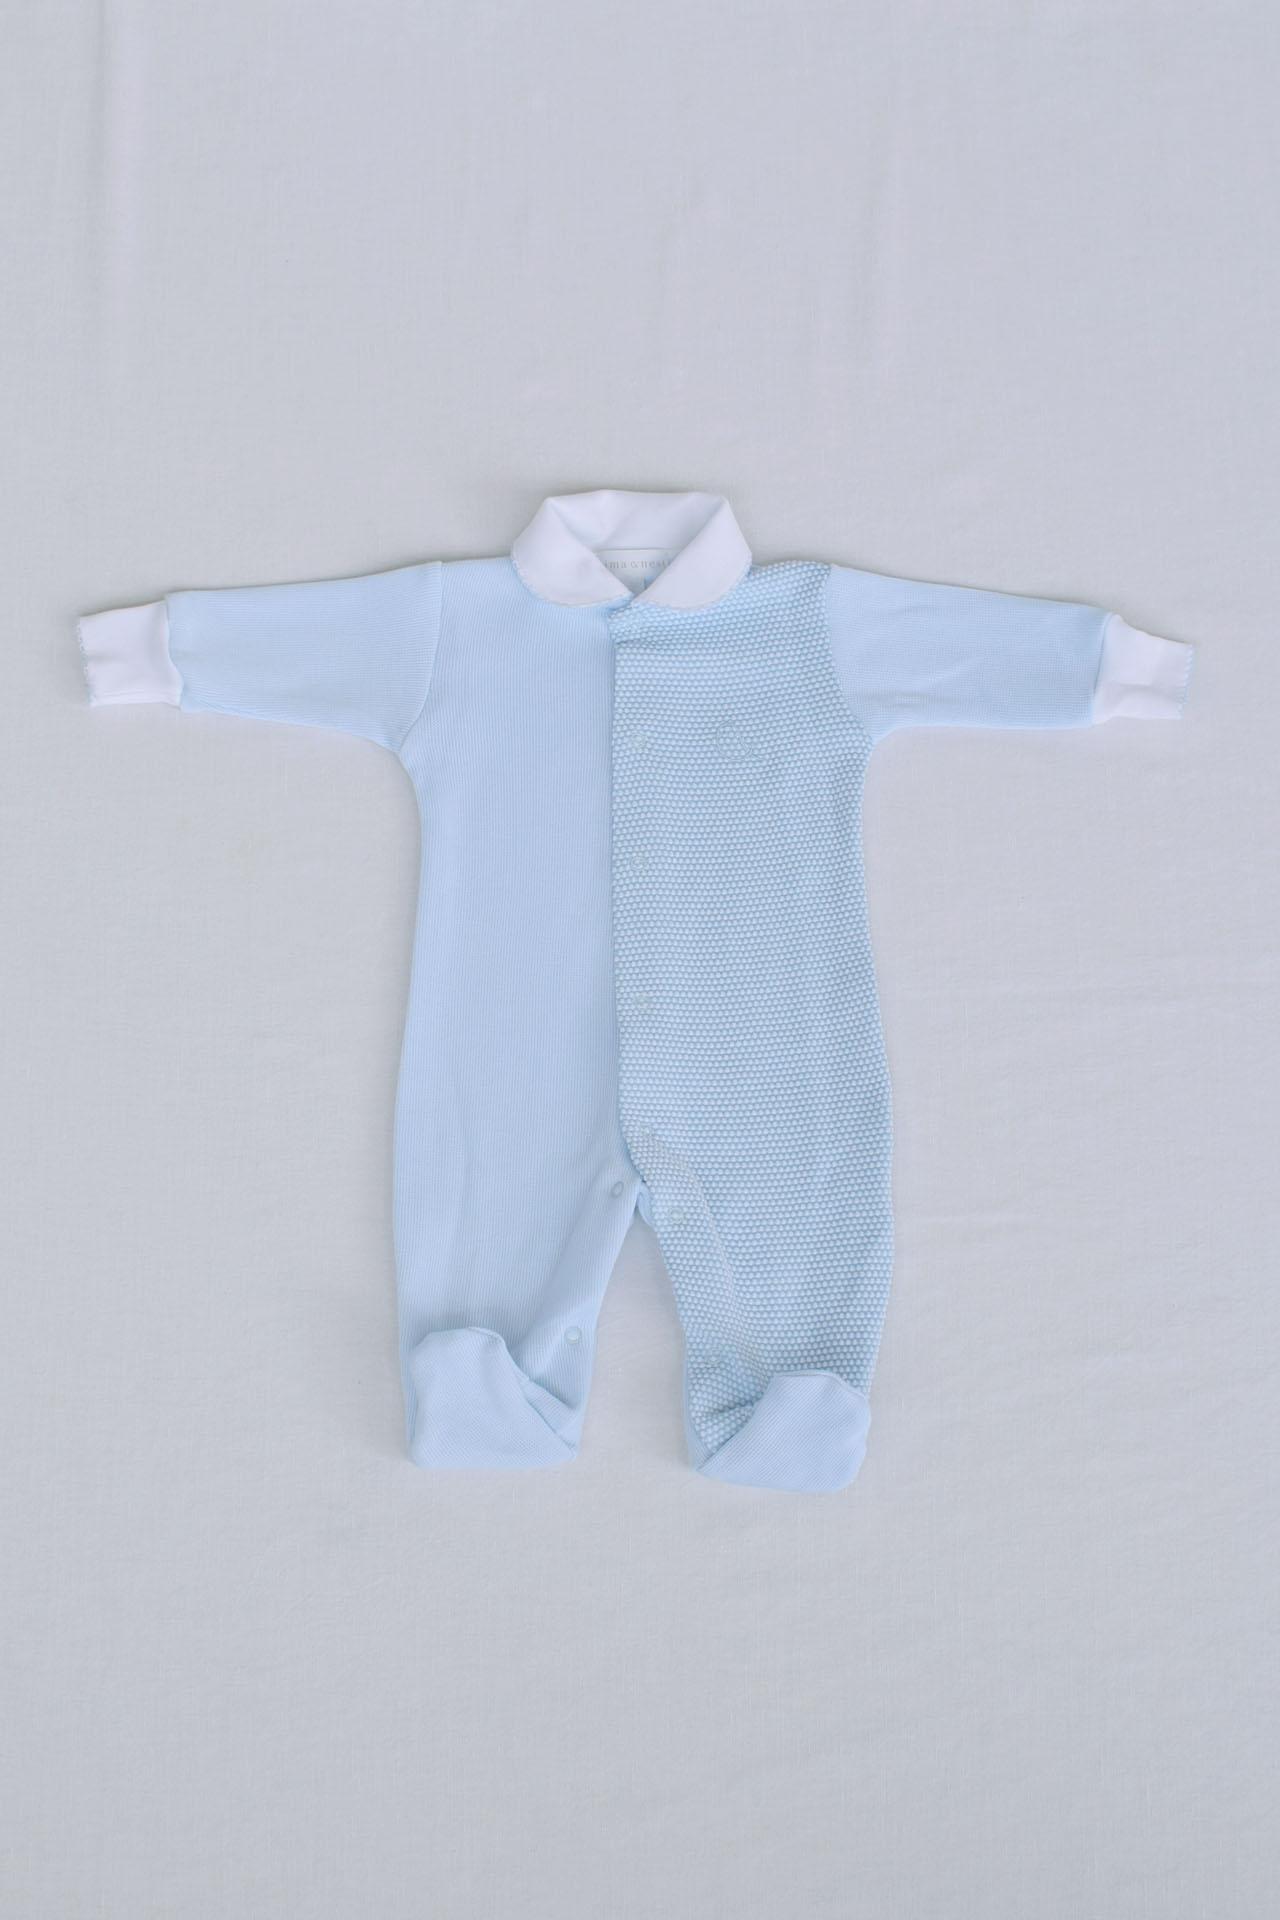 Con nuestro enterizo Aure, tu bebé estará siempre comodo y elegante. La mitad del enterizo es de Punto Íngles y la otra de tela Pop Corn, 100% algodón Pima.